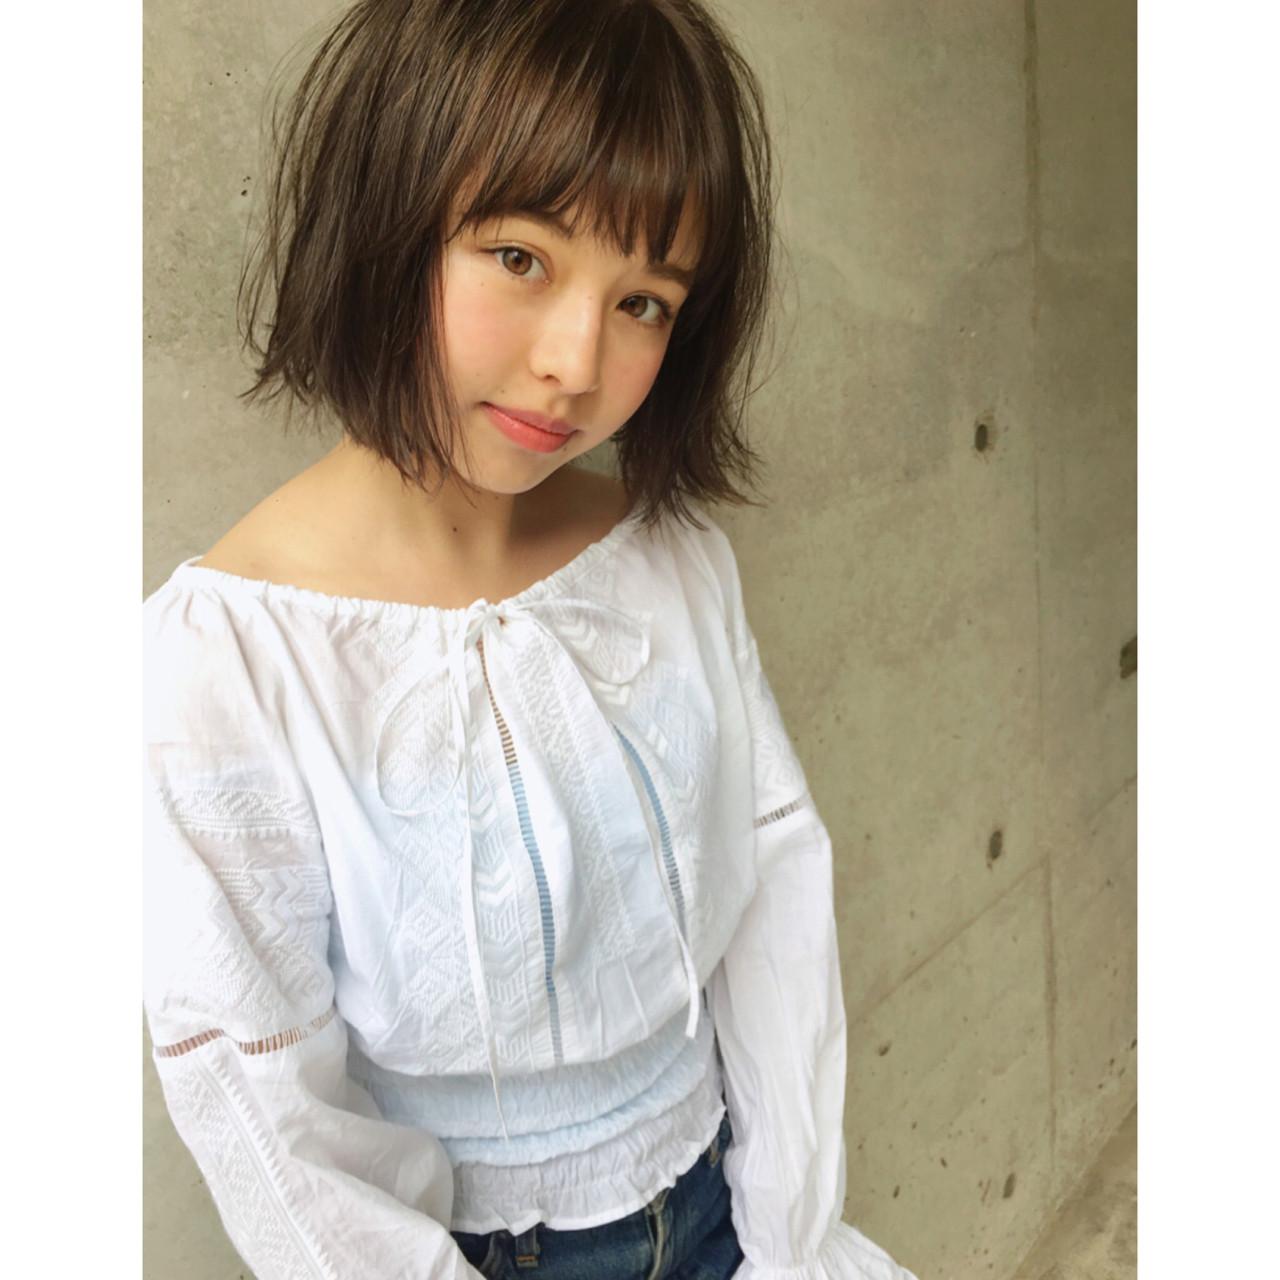 グレージュ ミルクティー 抜け感 外国人風 ヘアスタイルや髪型の写真・画像 | 中島 潮里 / whyte / whyte